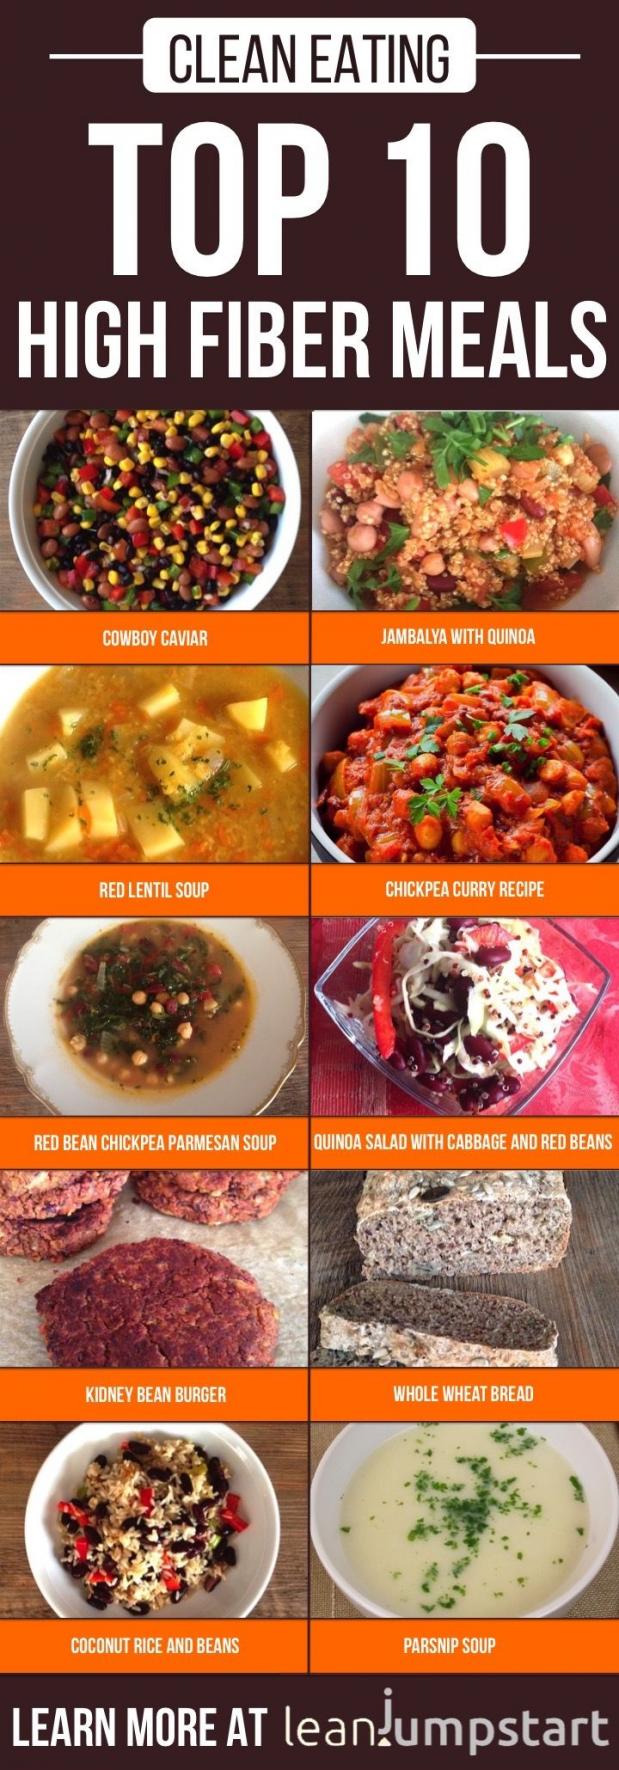 High Fiber Meals Top 10 Fiber Rich Recipes That Are Clean And Easy Highfiber Foodrevolutionsummit Vi High Fiber Foods High Fiber Dinner Clean Eating Recipes